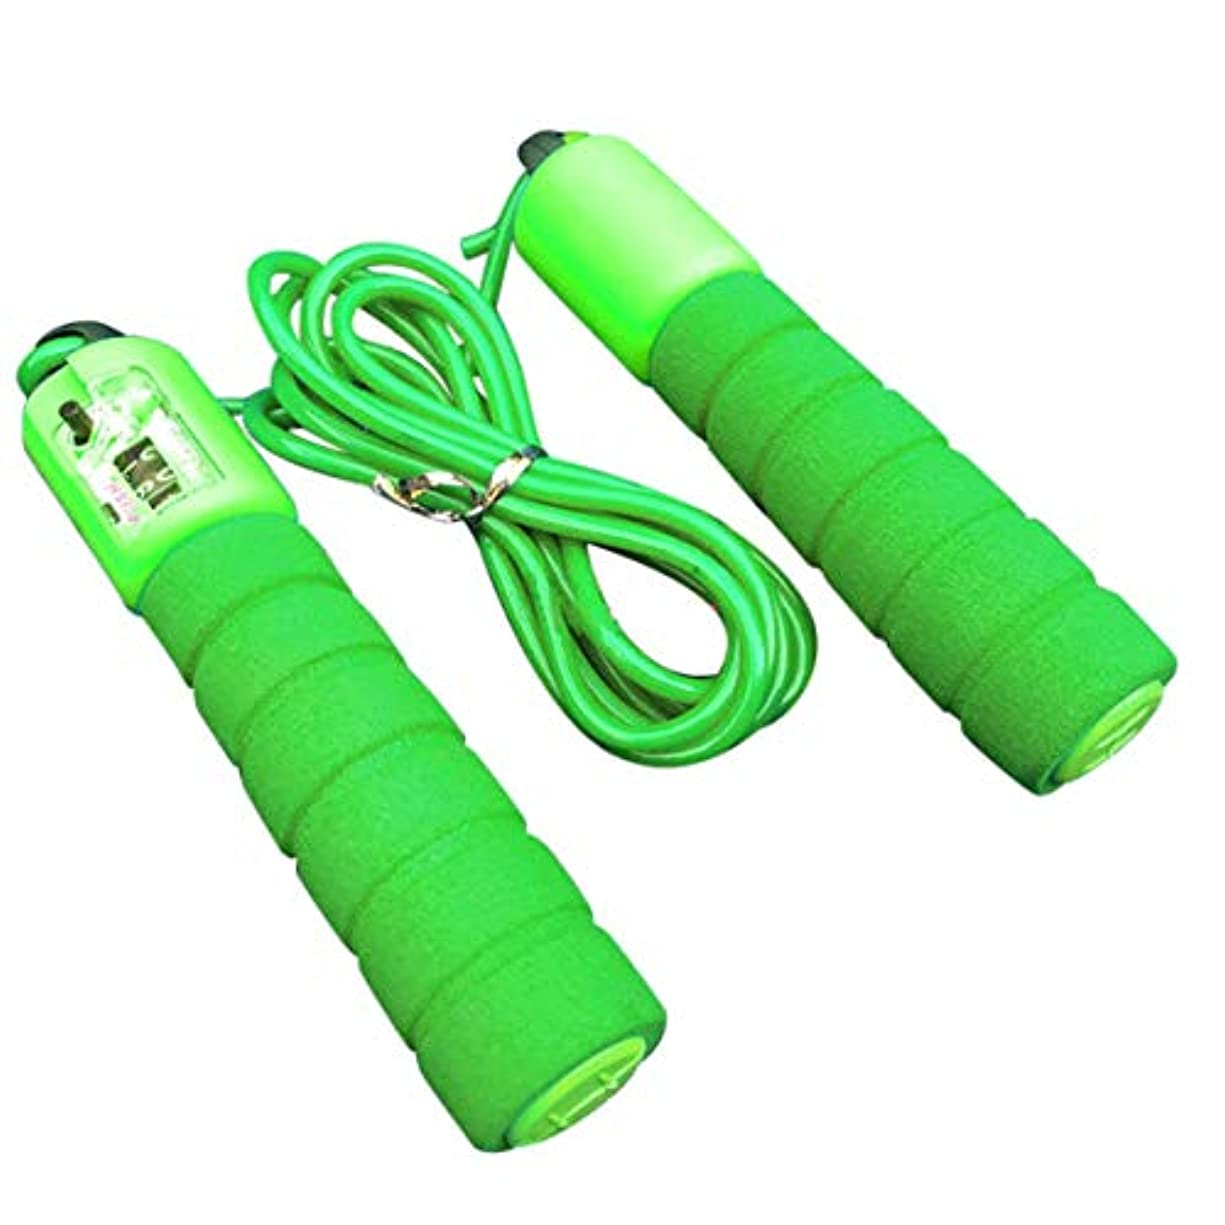 縮れたする必要がある小石調整可能なプロフェッショナルカウントスキップロープ自動カウントジャンプロープフィットネス運動高速カウントカウントジャンプロープ-グリーン